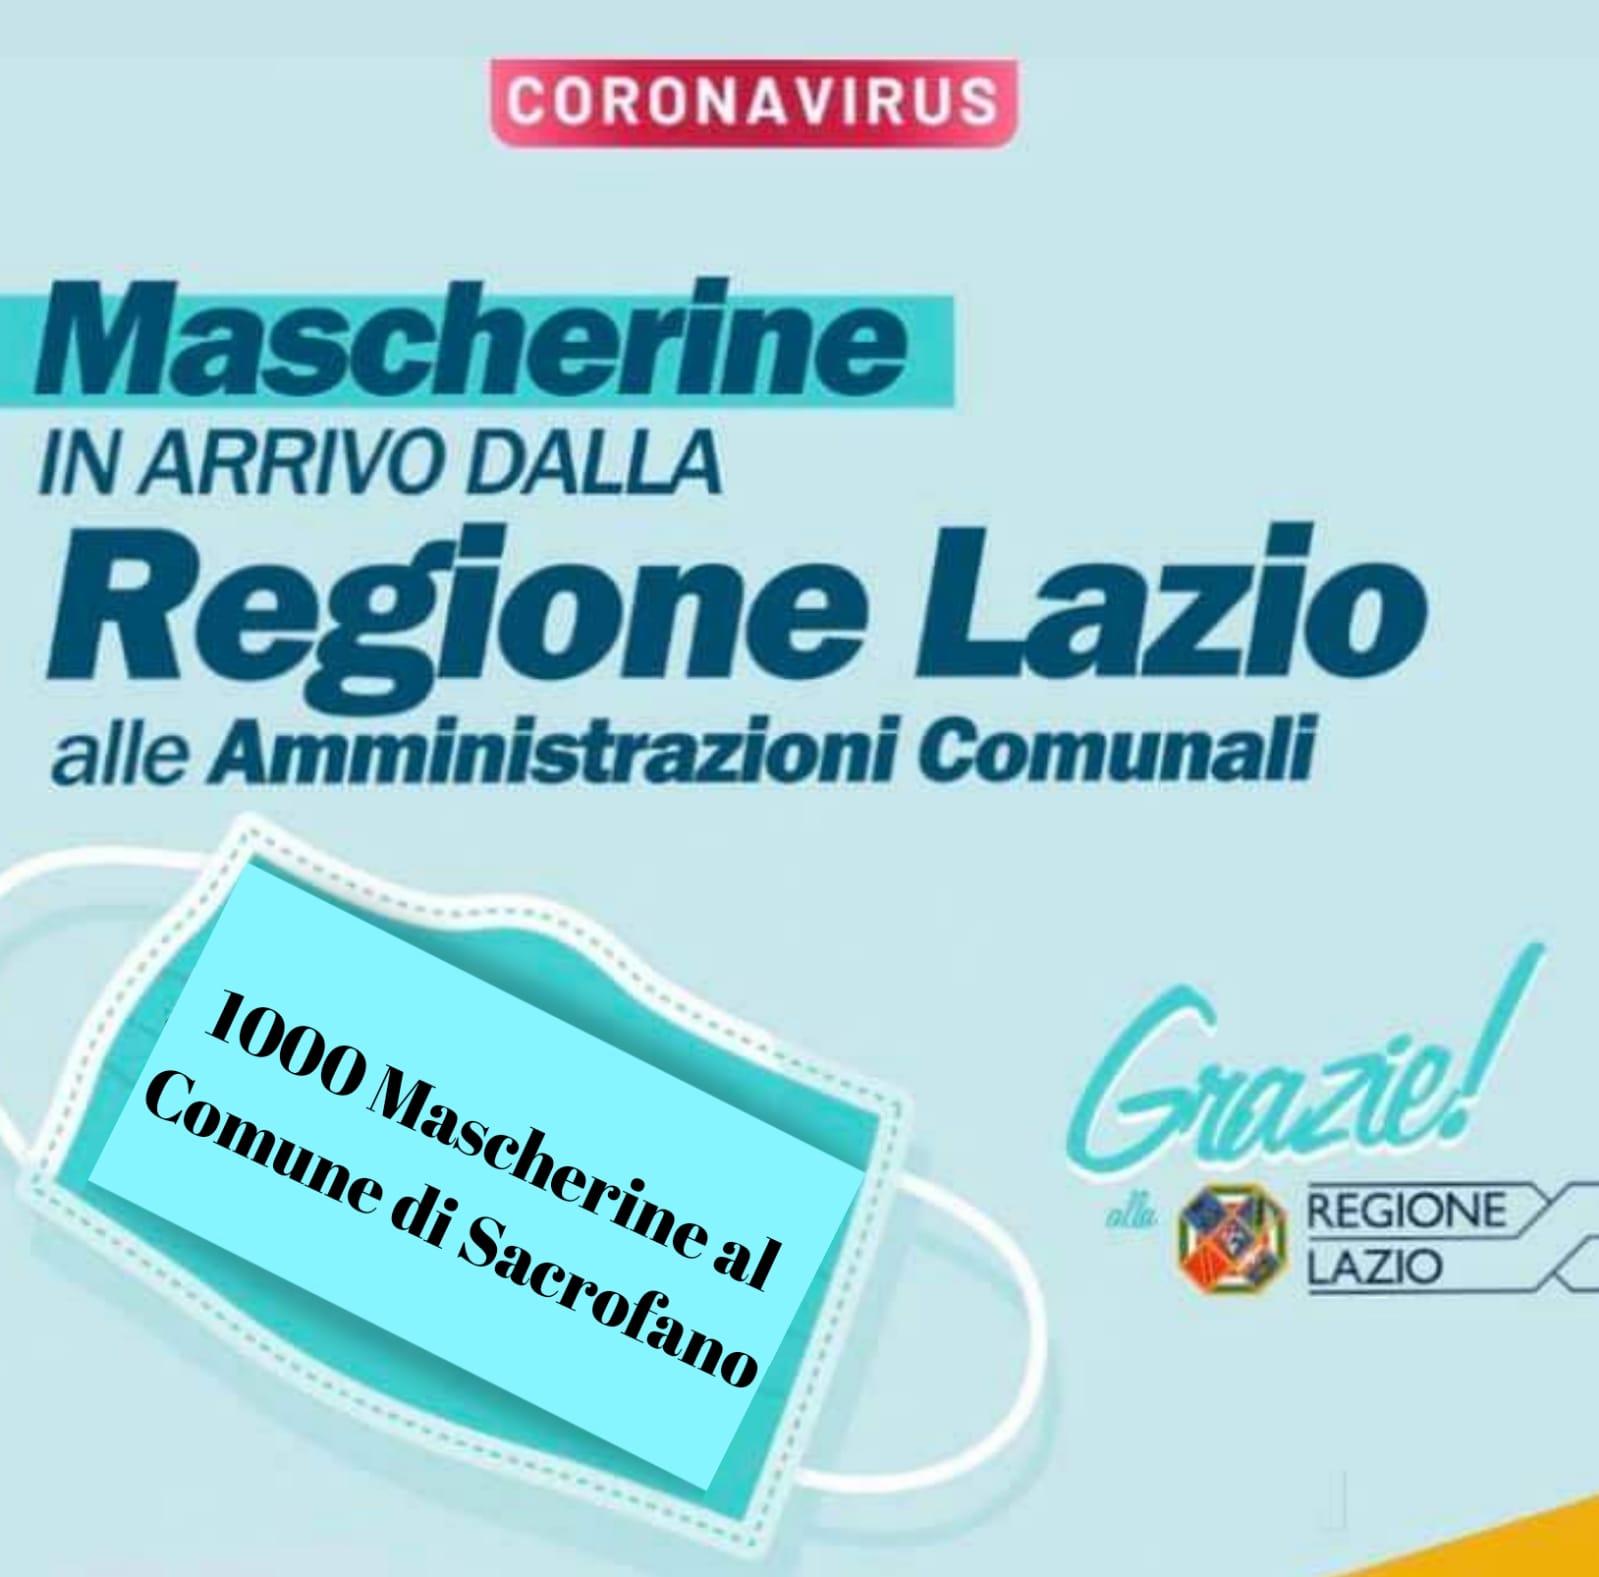 Comunicato del 28/03/2020 ore 13:00: Dispositivi di protezione individuale